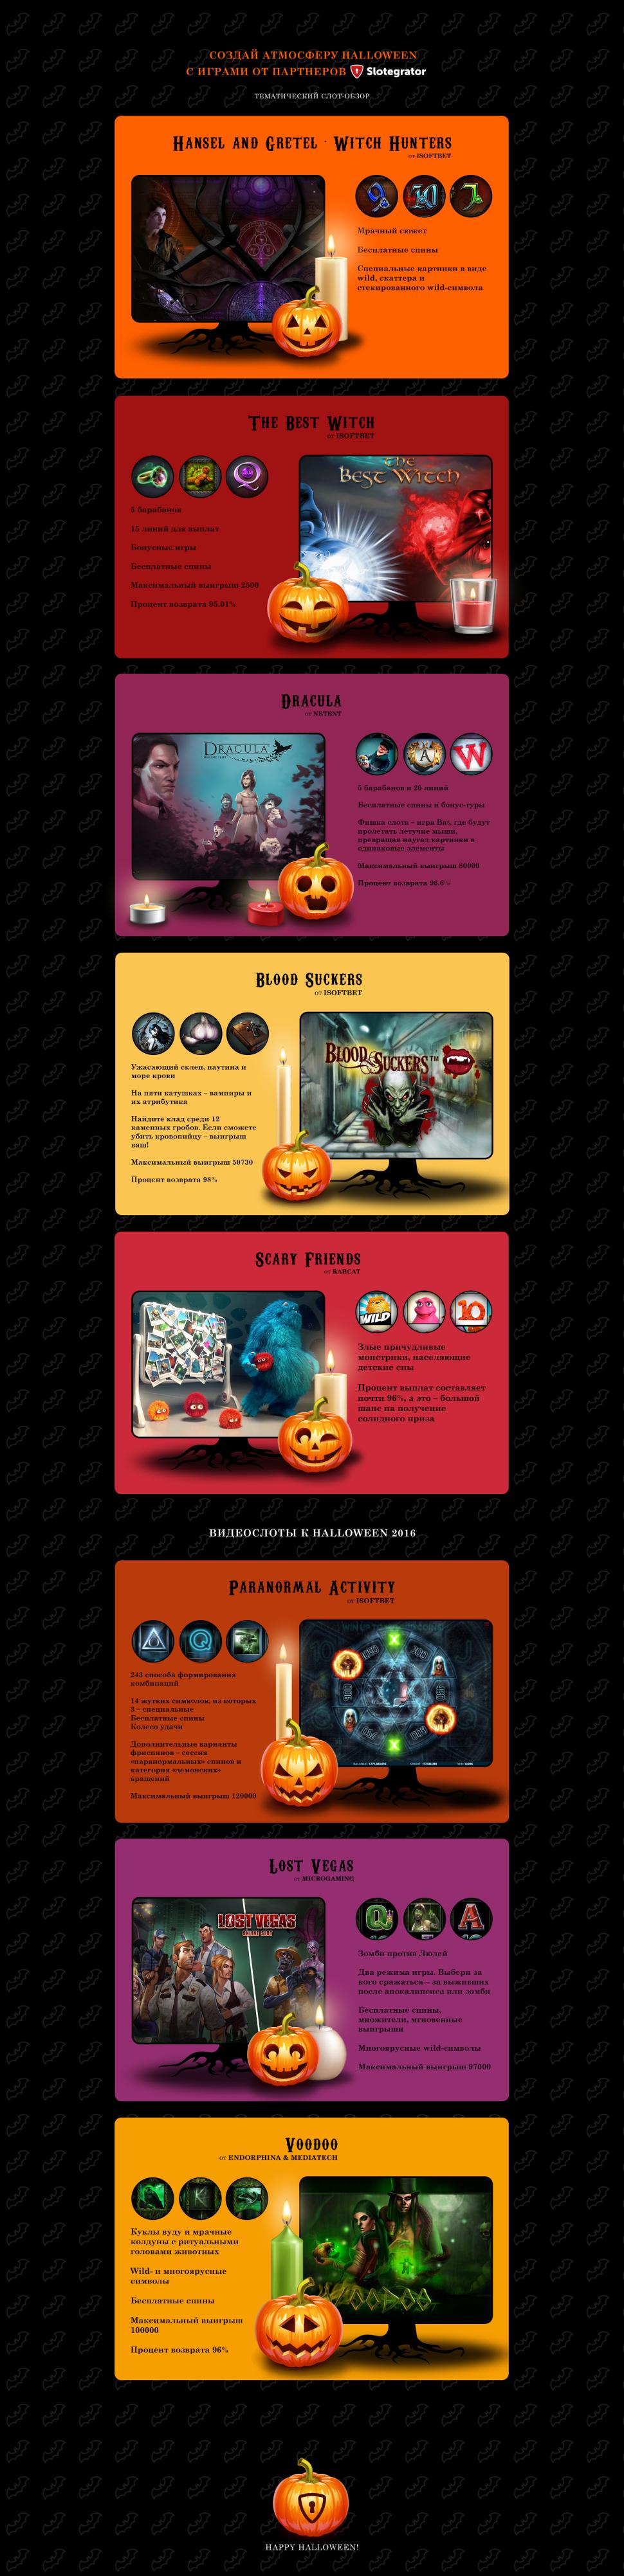 Слот-игры к Хэллоуину от партнеров Slotegrator